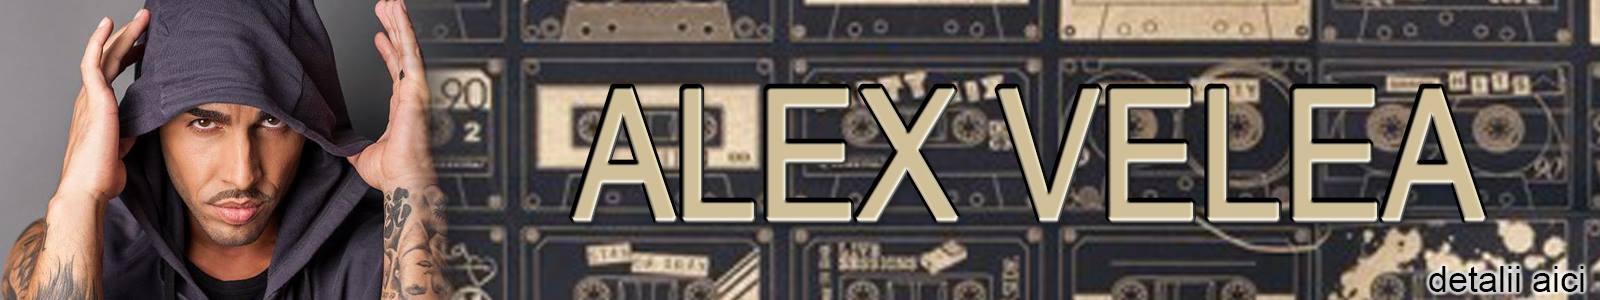 contact-alex-velea-pret-tarif-nunta